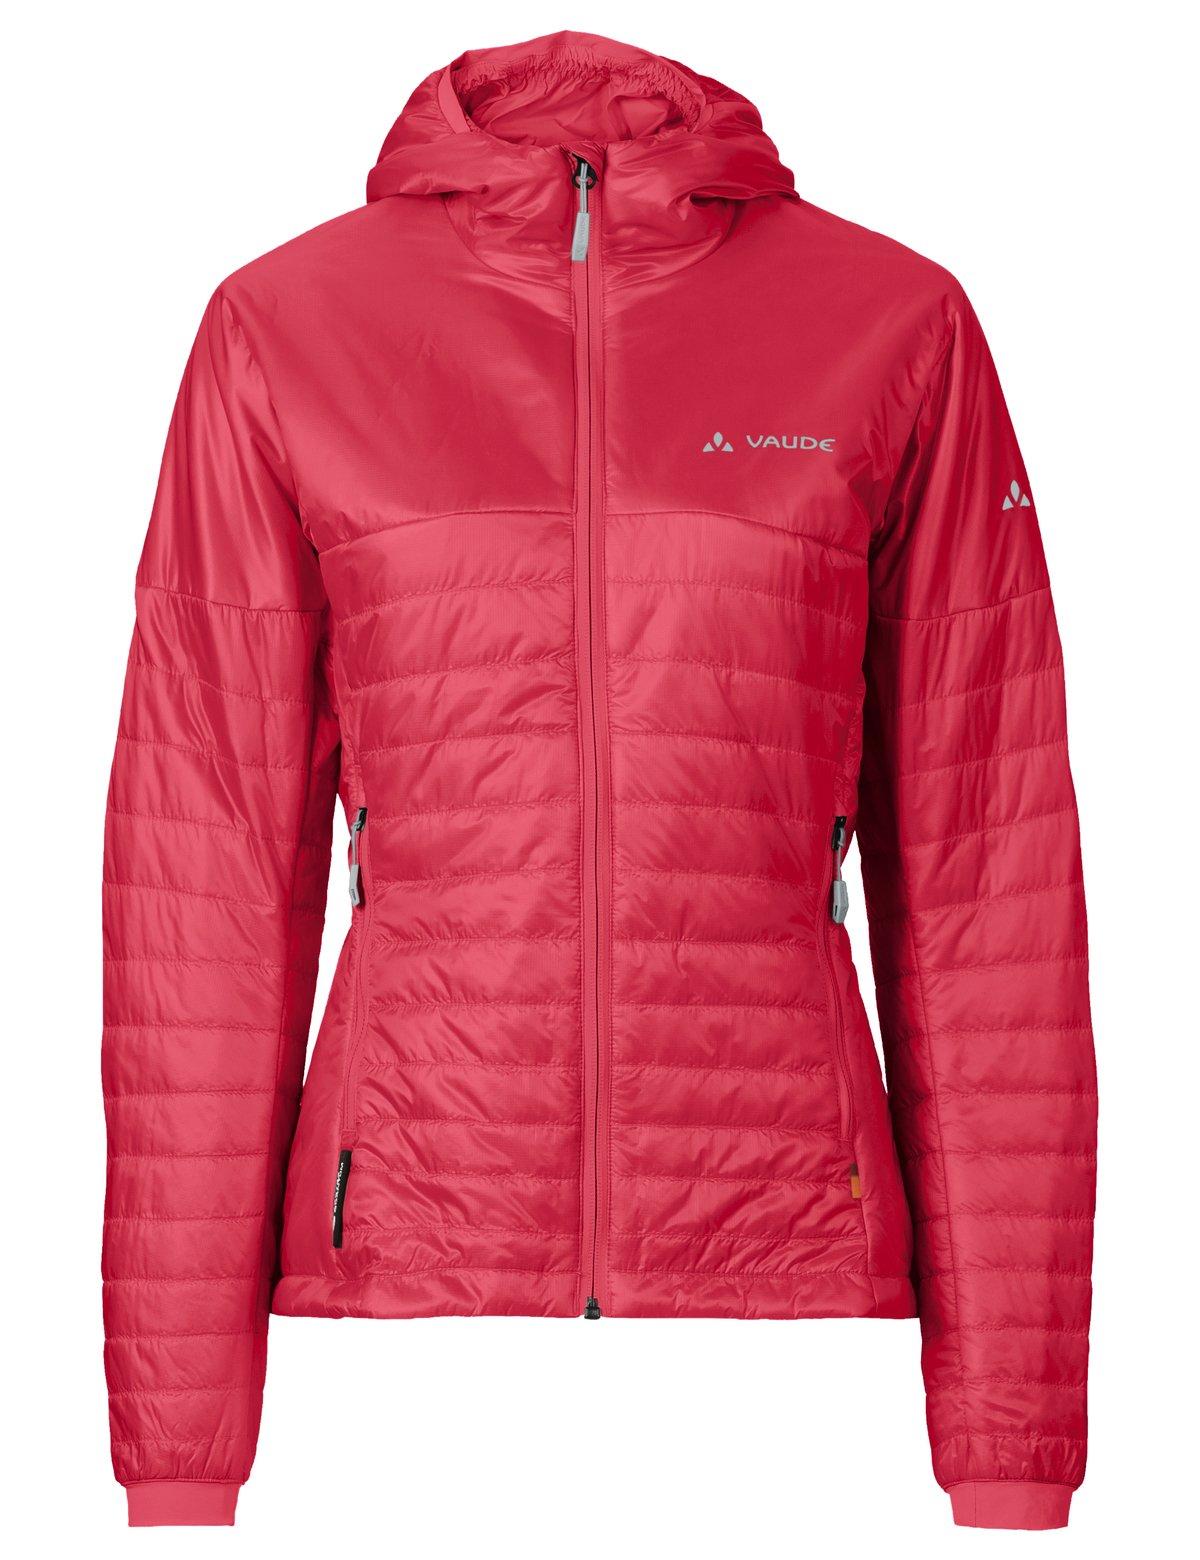 VAUDE Women's Freney Jacket, Strawberry, Size 40